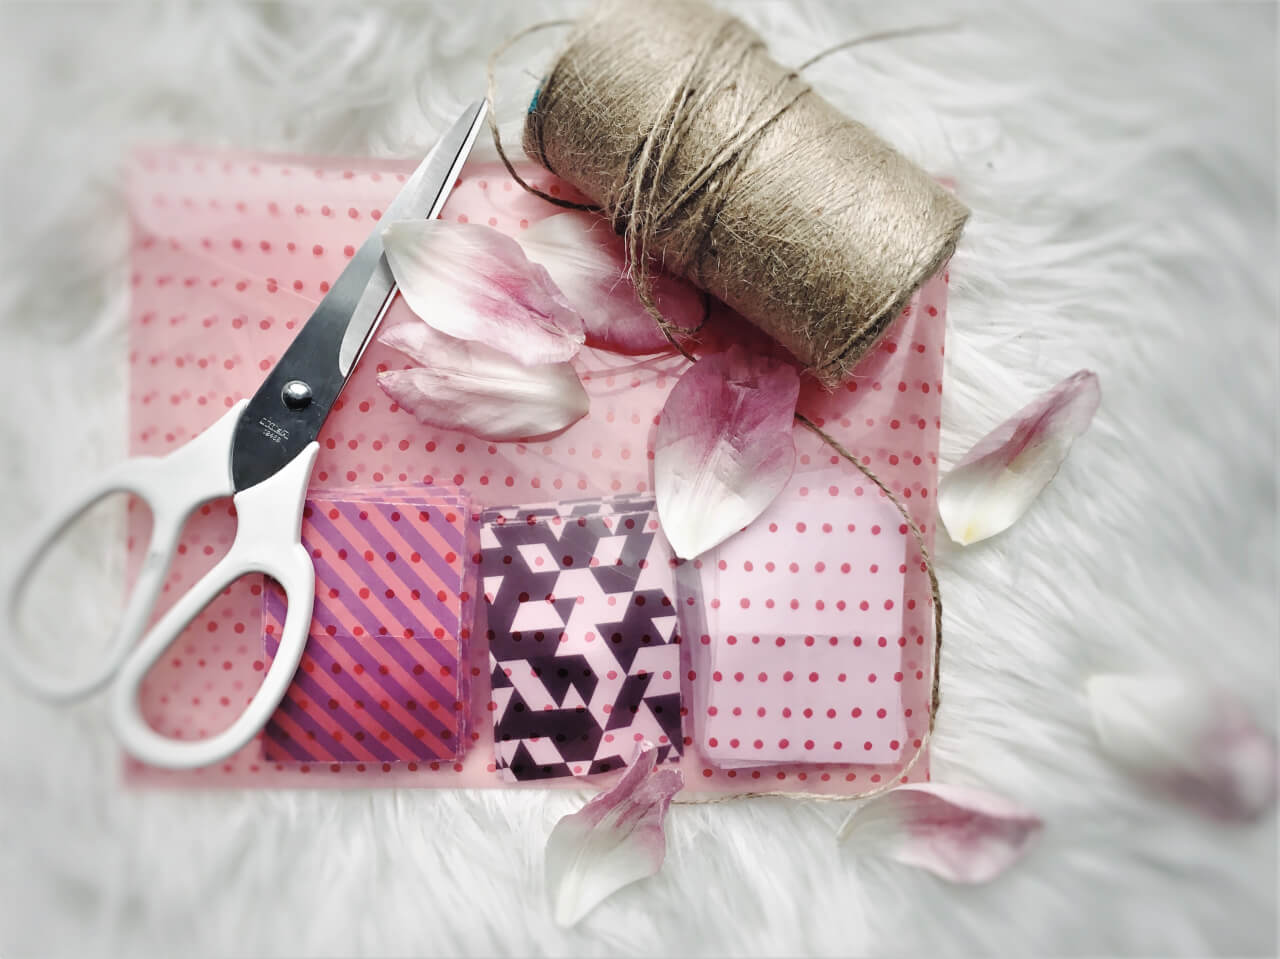 valentine4 - Vyjadri to darčekom alebo inšpirácie pre zamilovaných